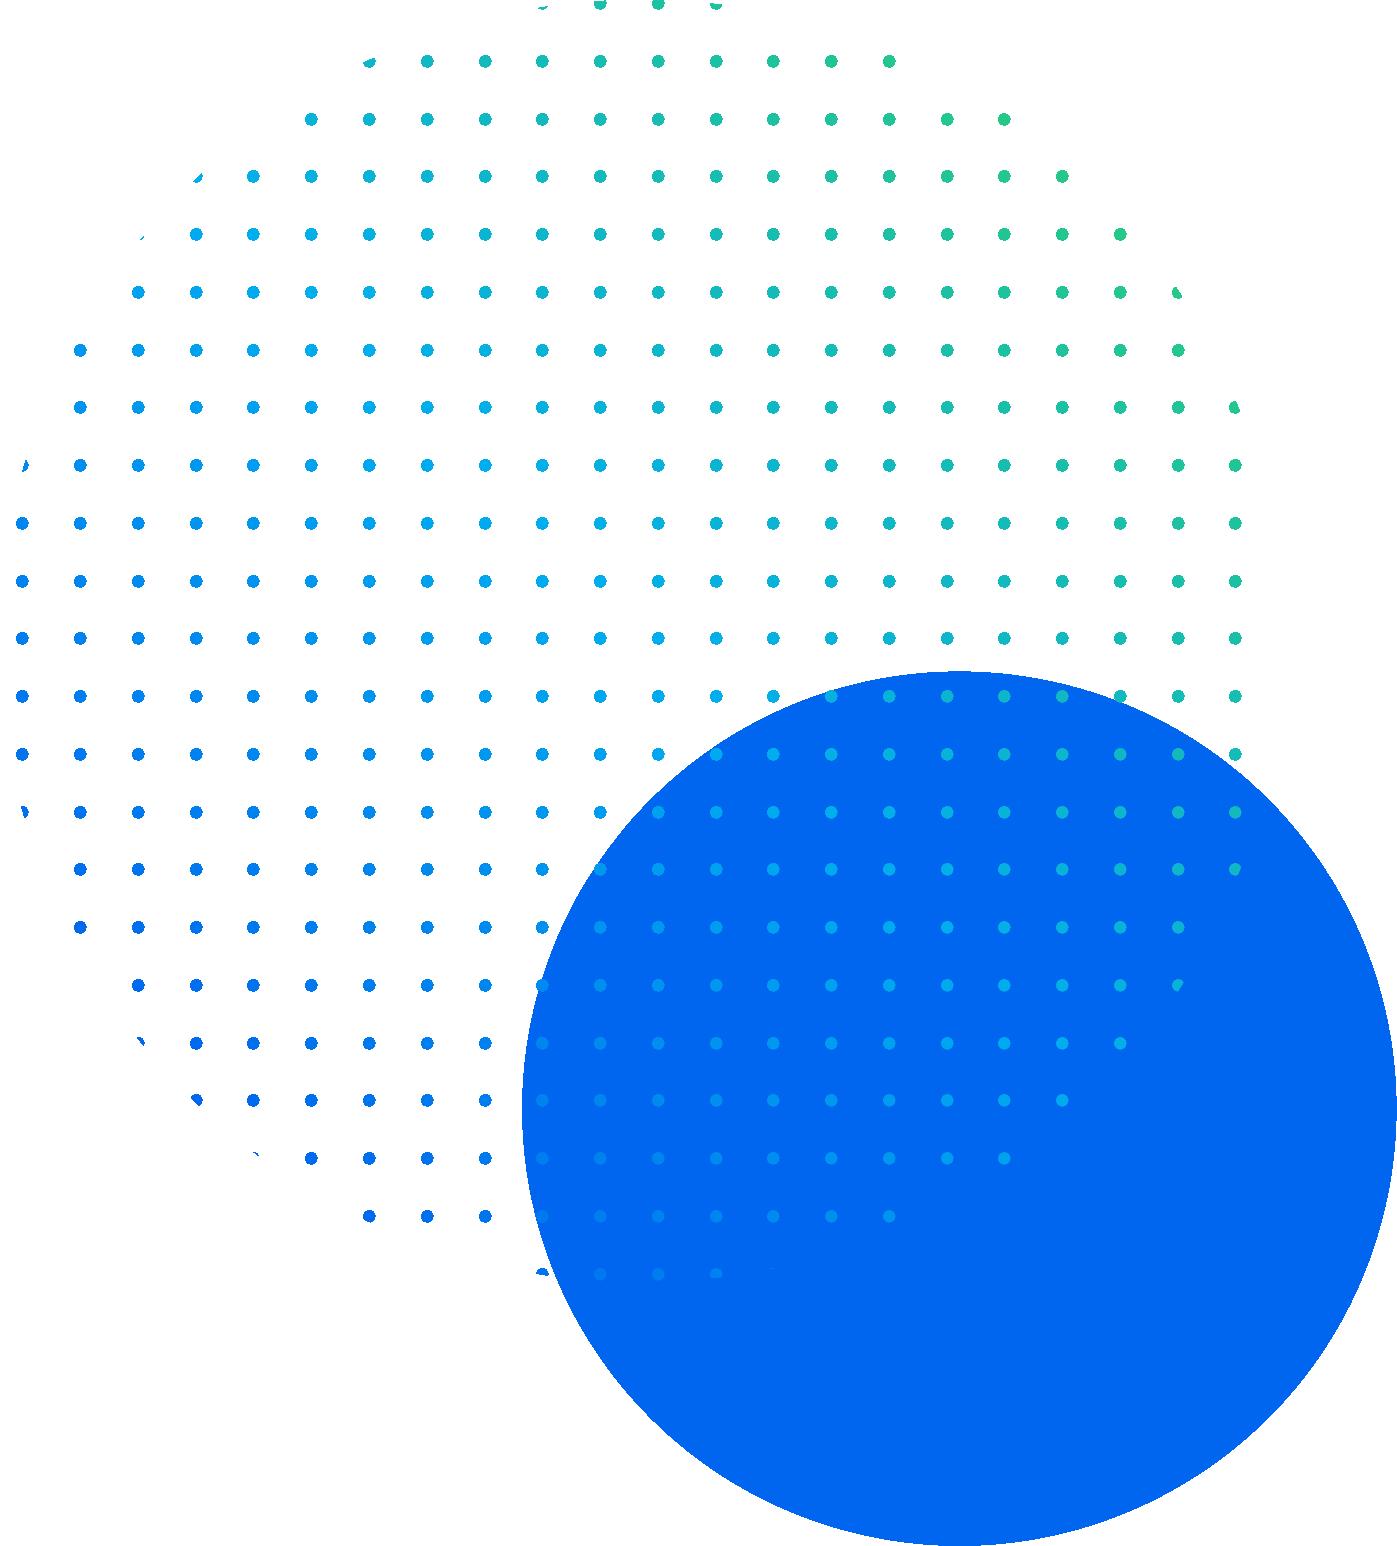 bg-image